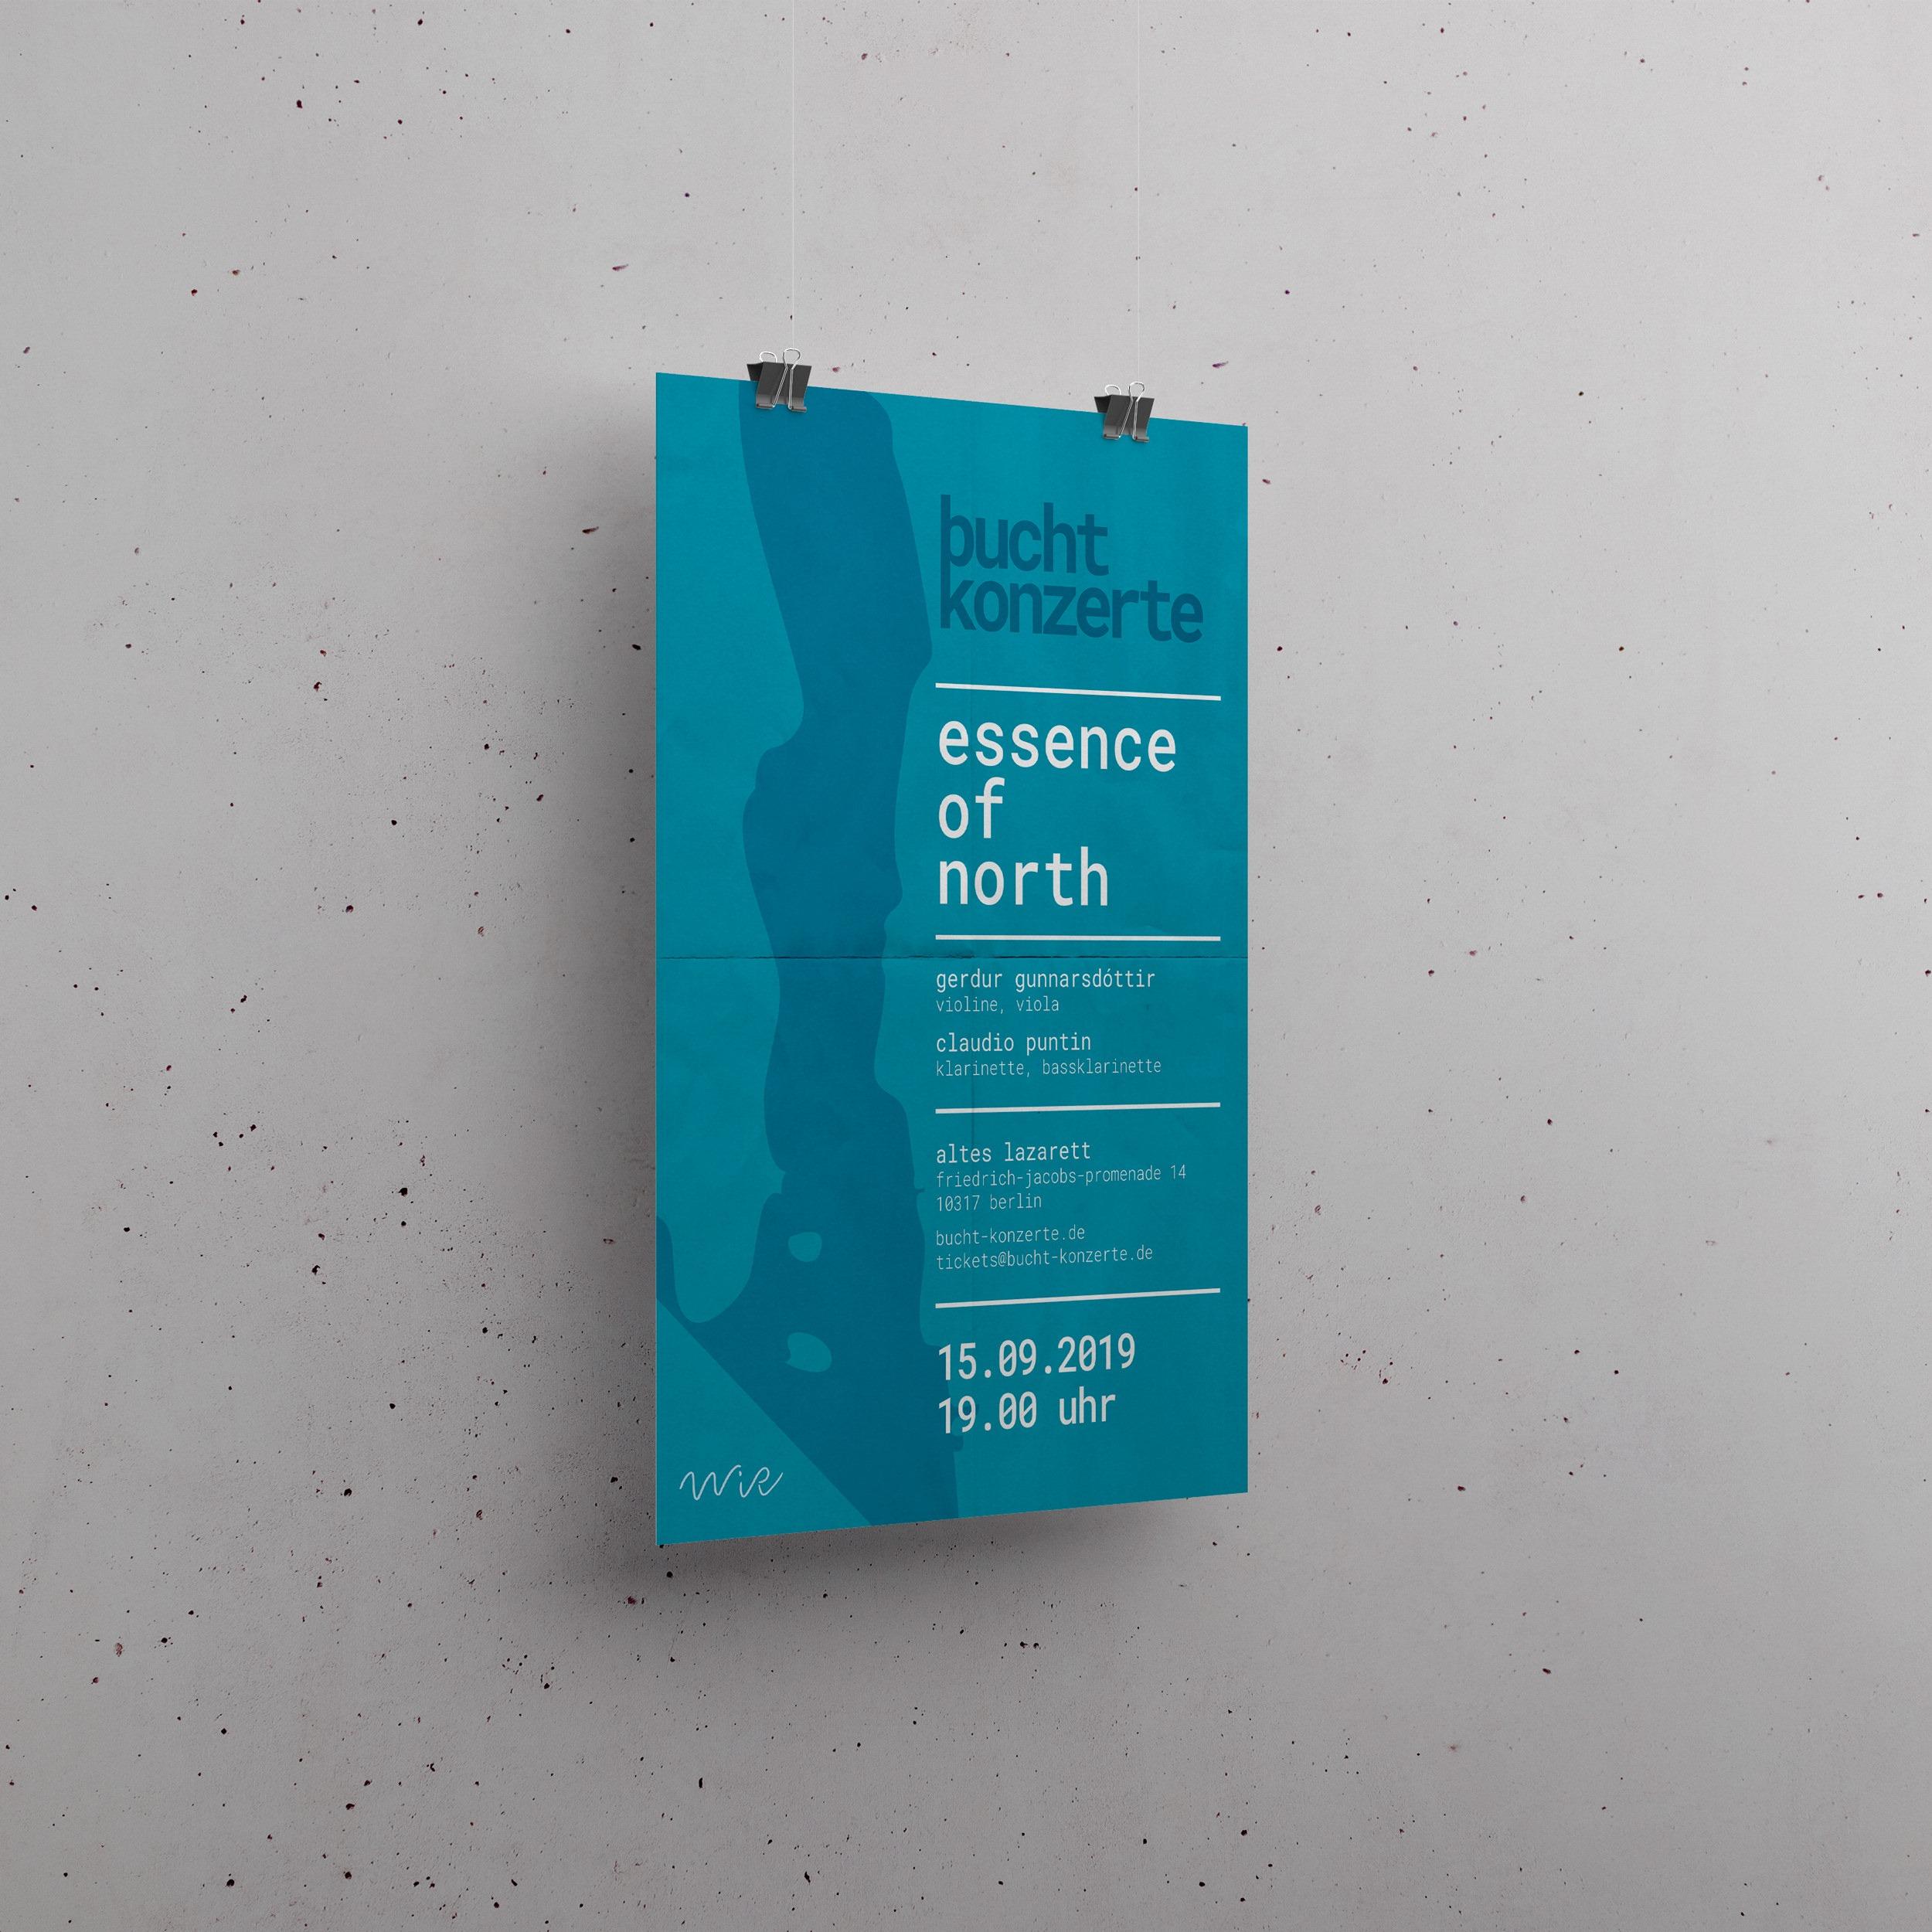 WiR buchtkonzerte | Plakat